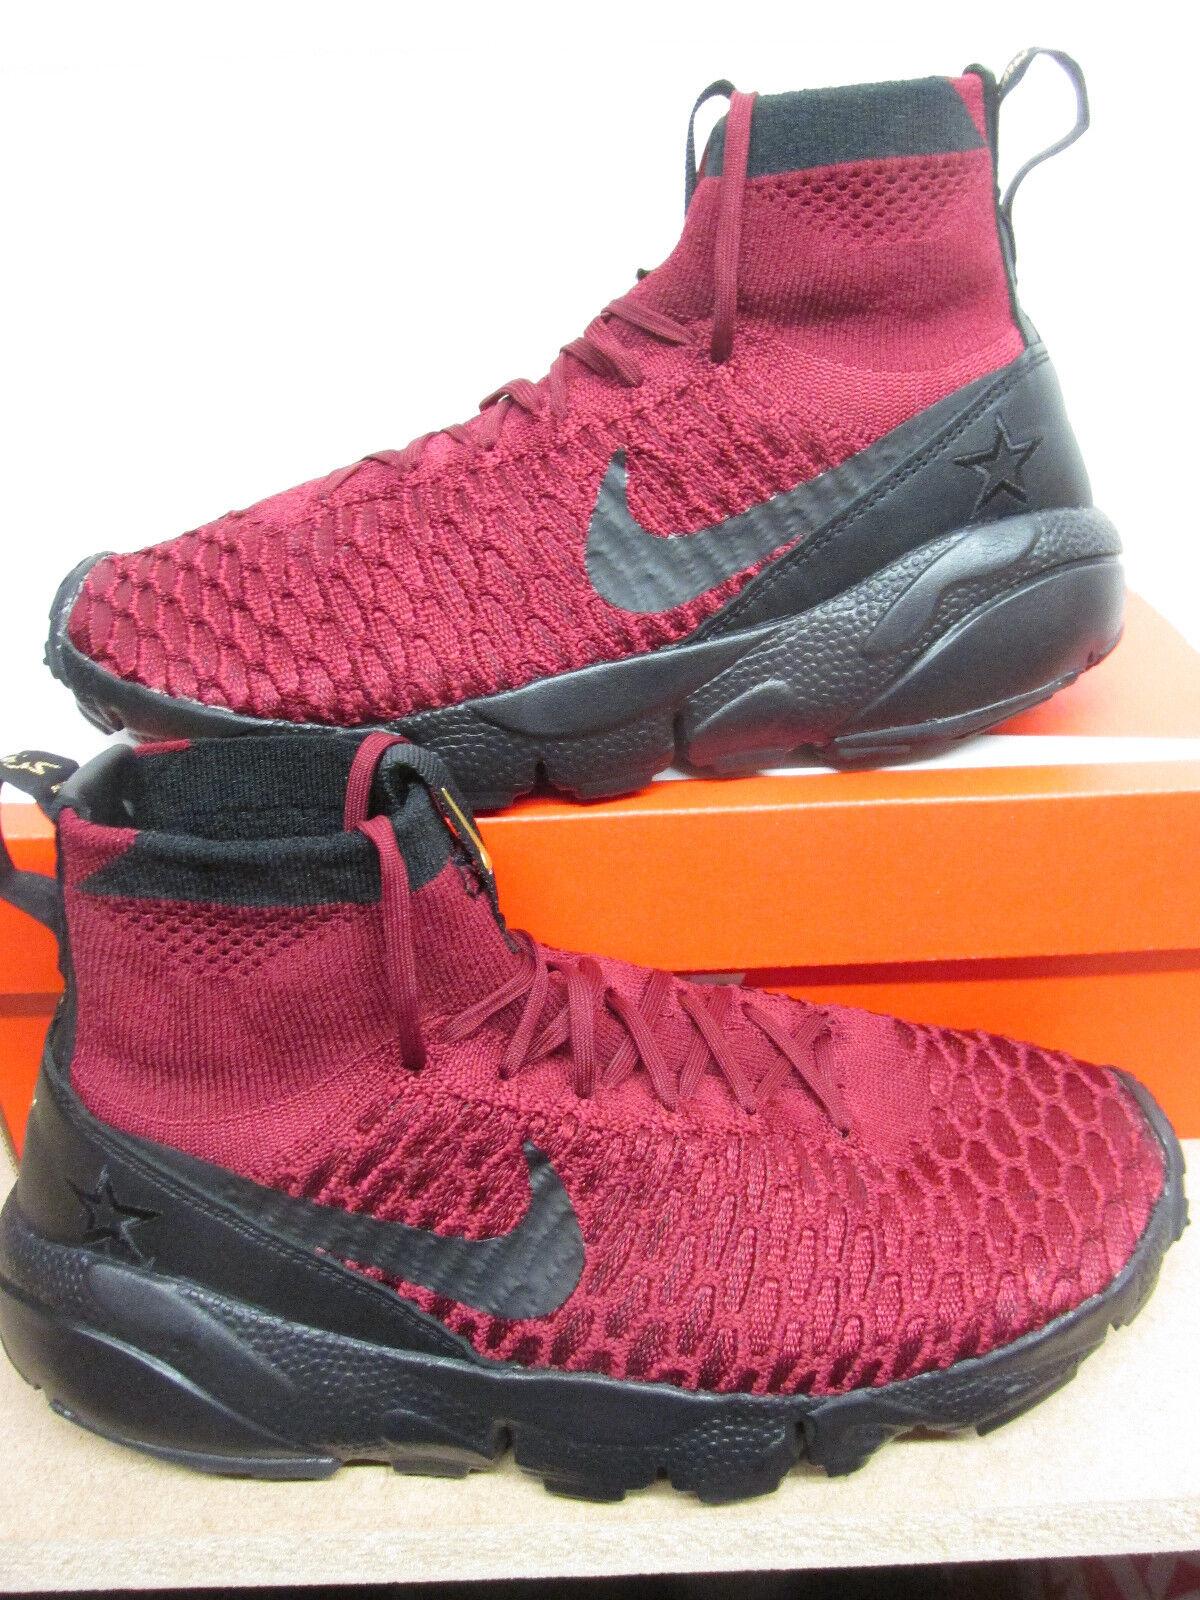 Nike Air Footscape Magista FK FC Scarpe da Ginnastica alla caviglia uomo 830600